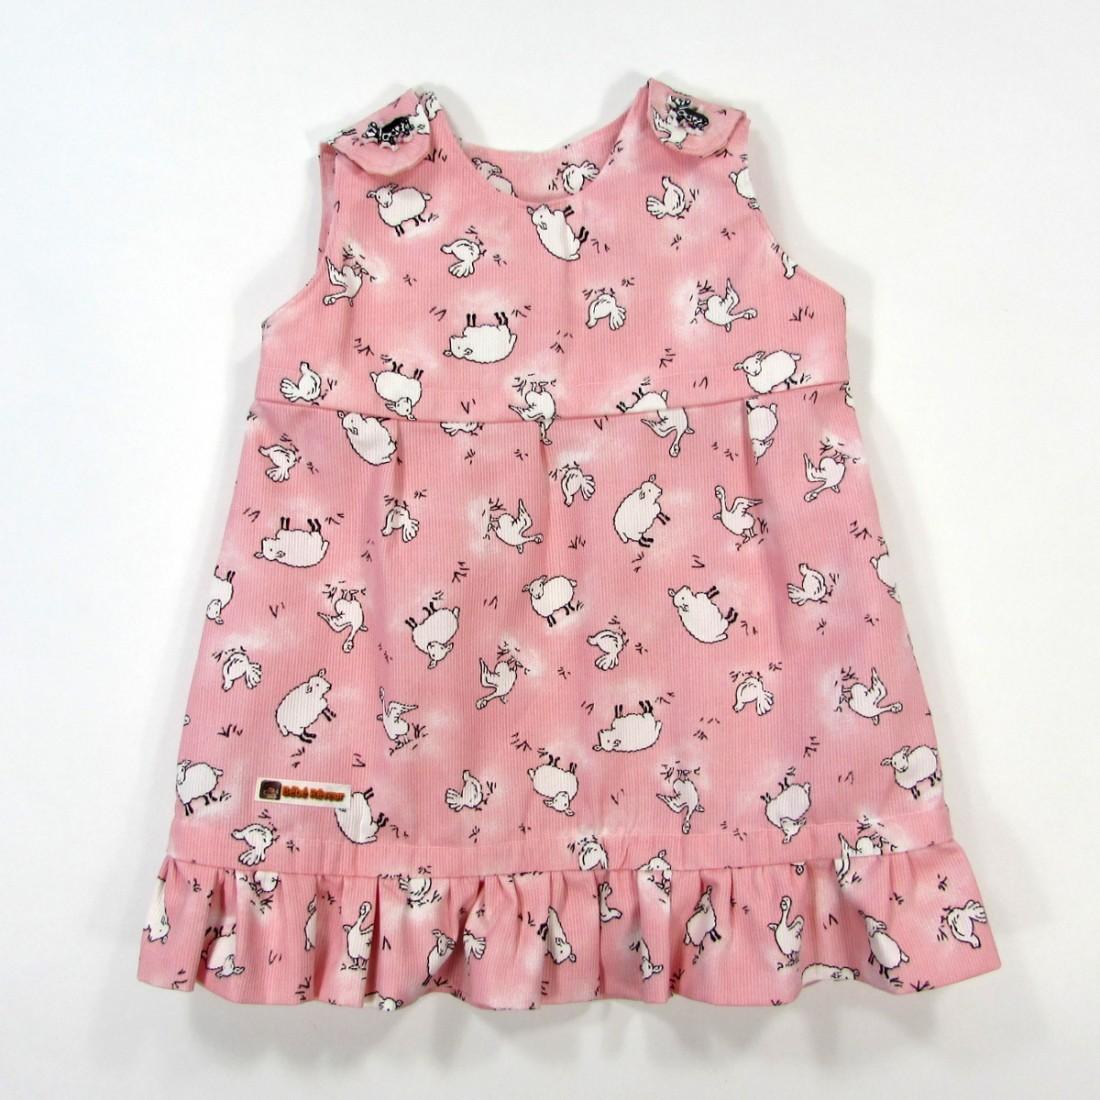 3ed9d5d7b352d Cadeau bébé fille 1 mois robe rose et cardigan blanc doublé rose